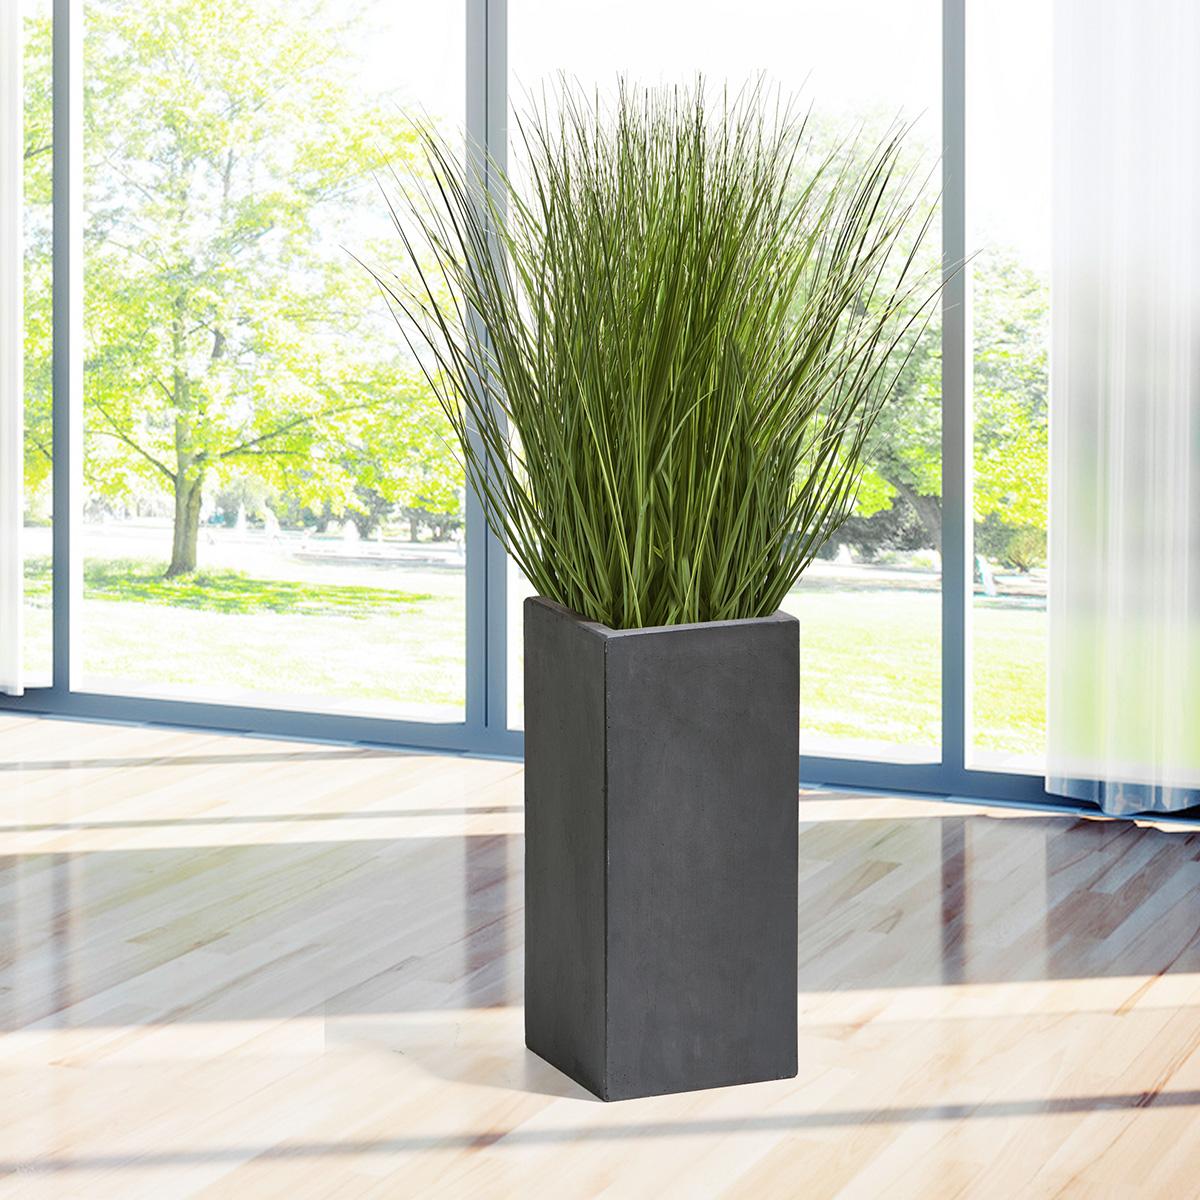 pflanzkübel fiberglas 23 x 23 x 50 cm (l x b x h), anthrazit